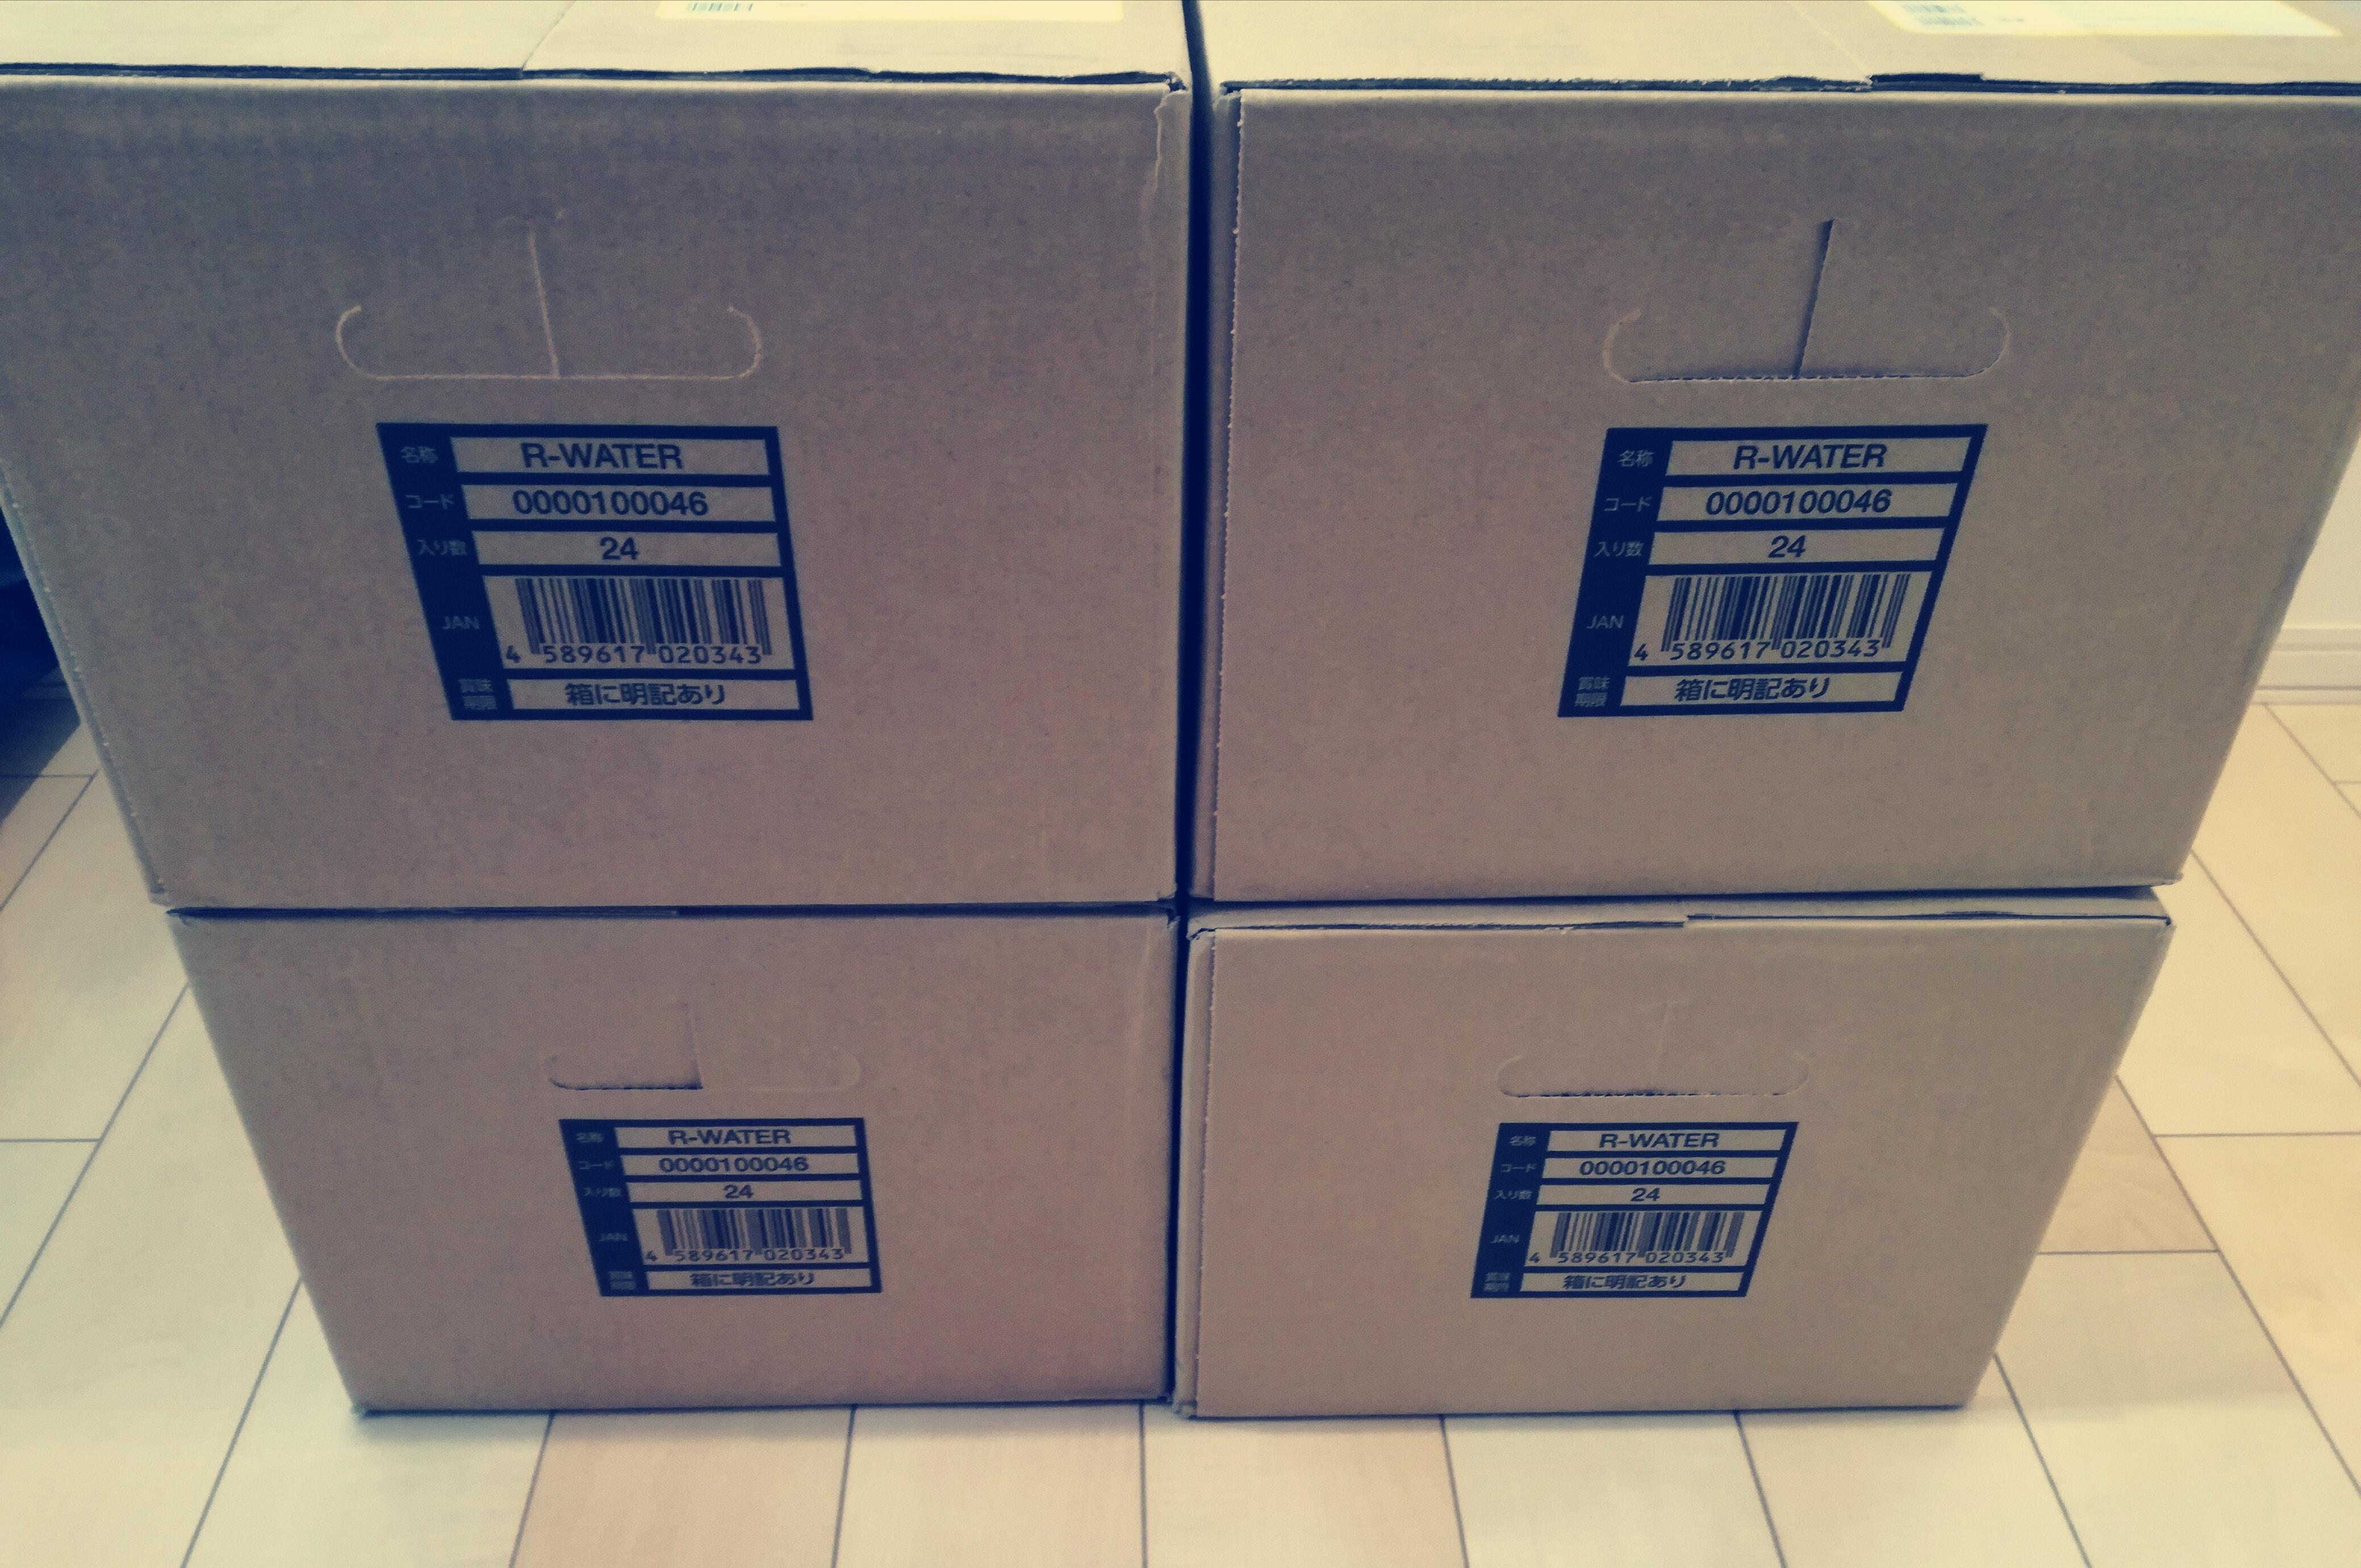 9万円以上の含み損に苦しむMRKホールディングス(9980)からRIZAPウォーター96本が到着!